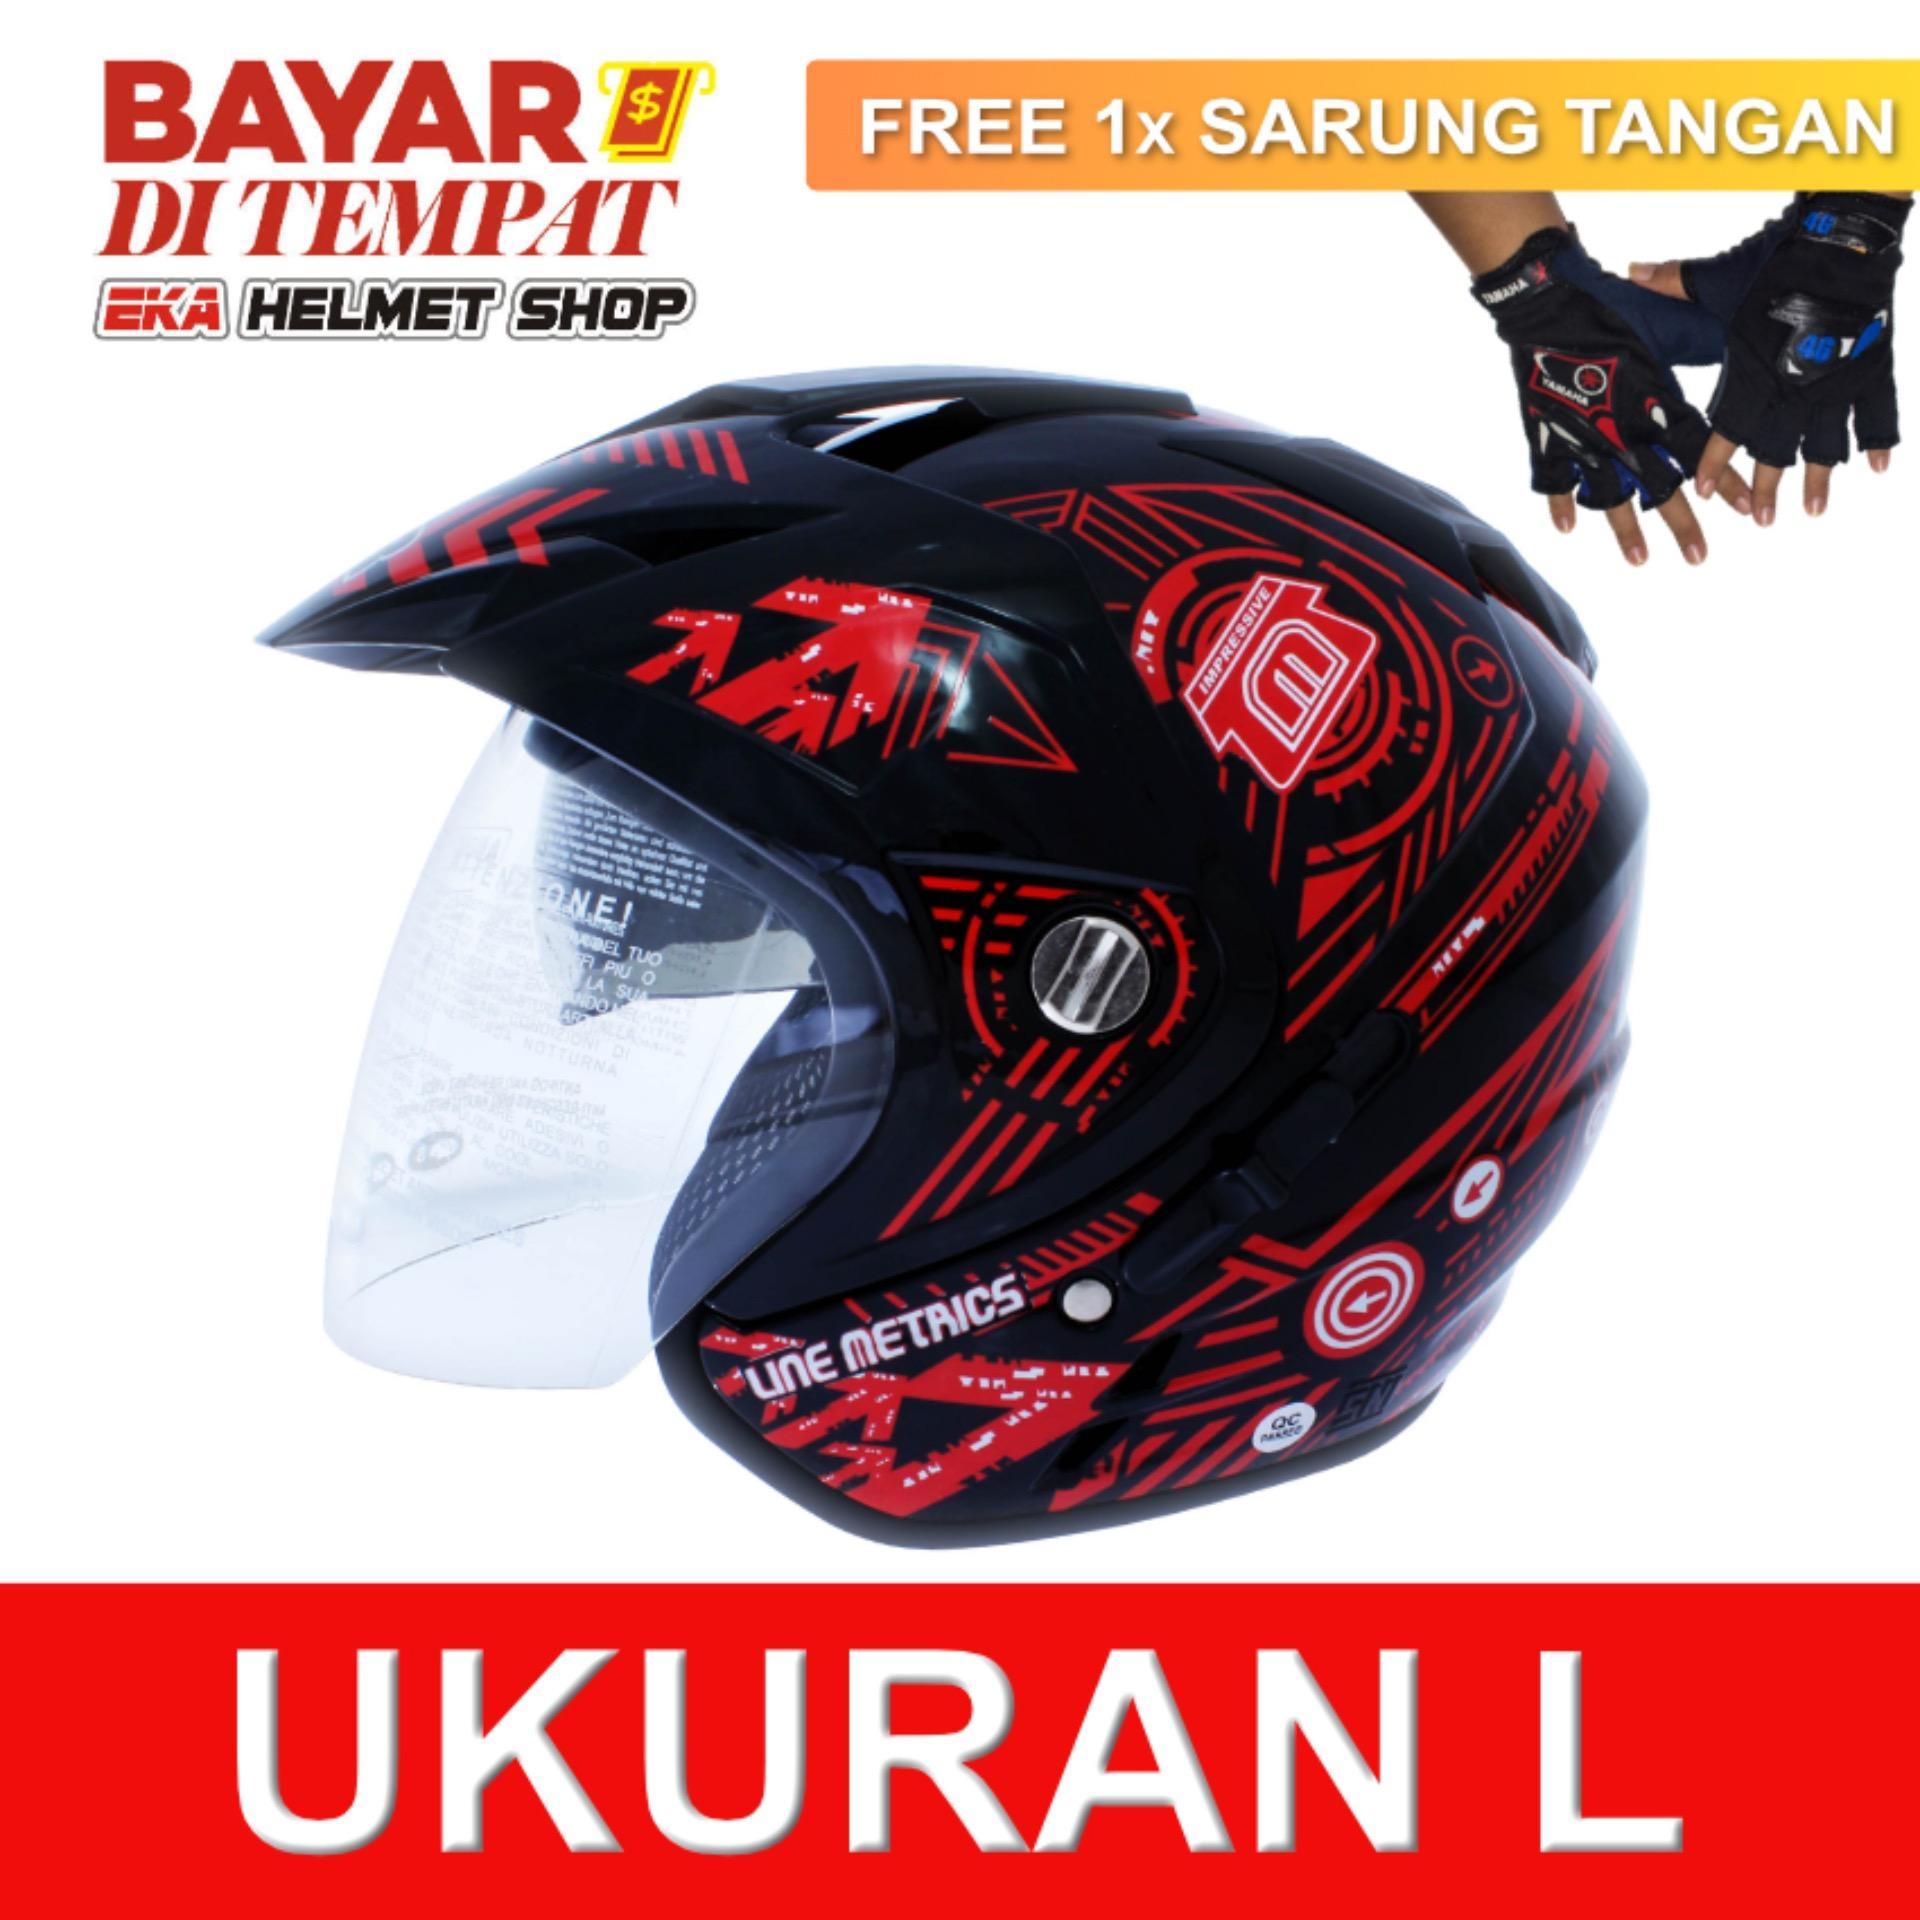 Beli Msr Helmet Impressive Line Matrics Black Red Promo Gratis Sarung Tangan Lengkap